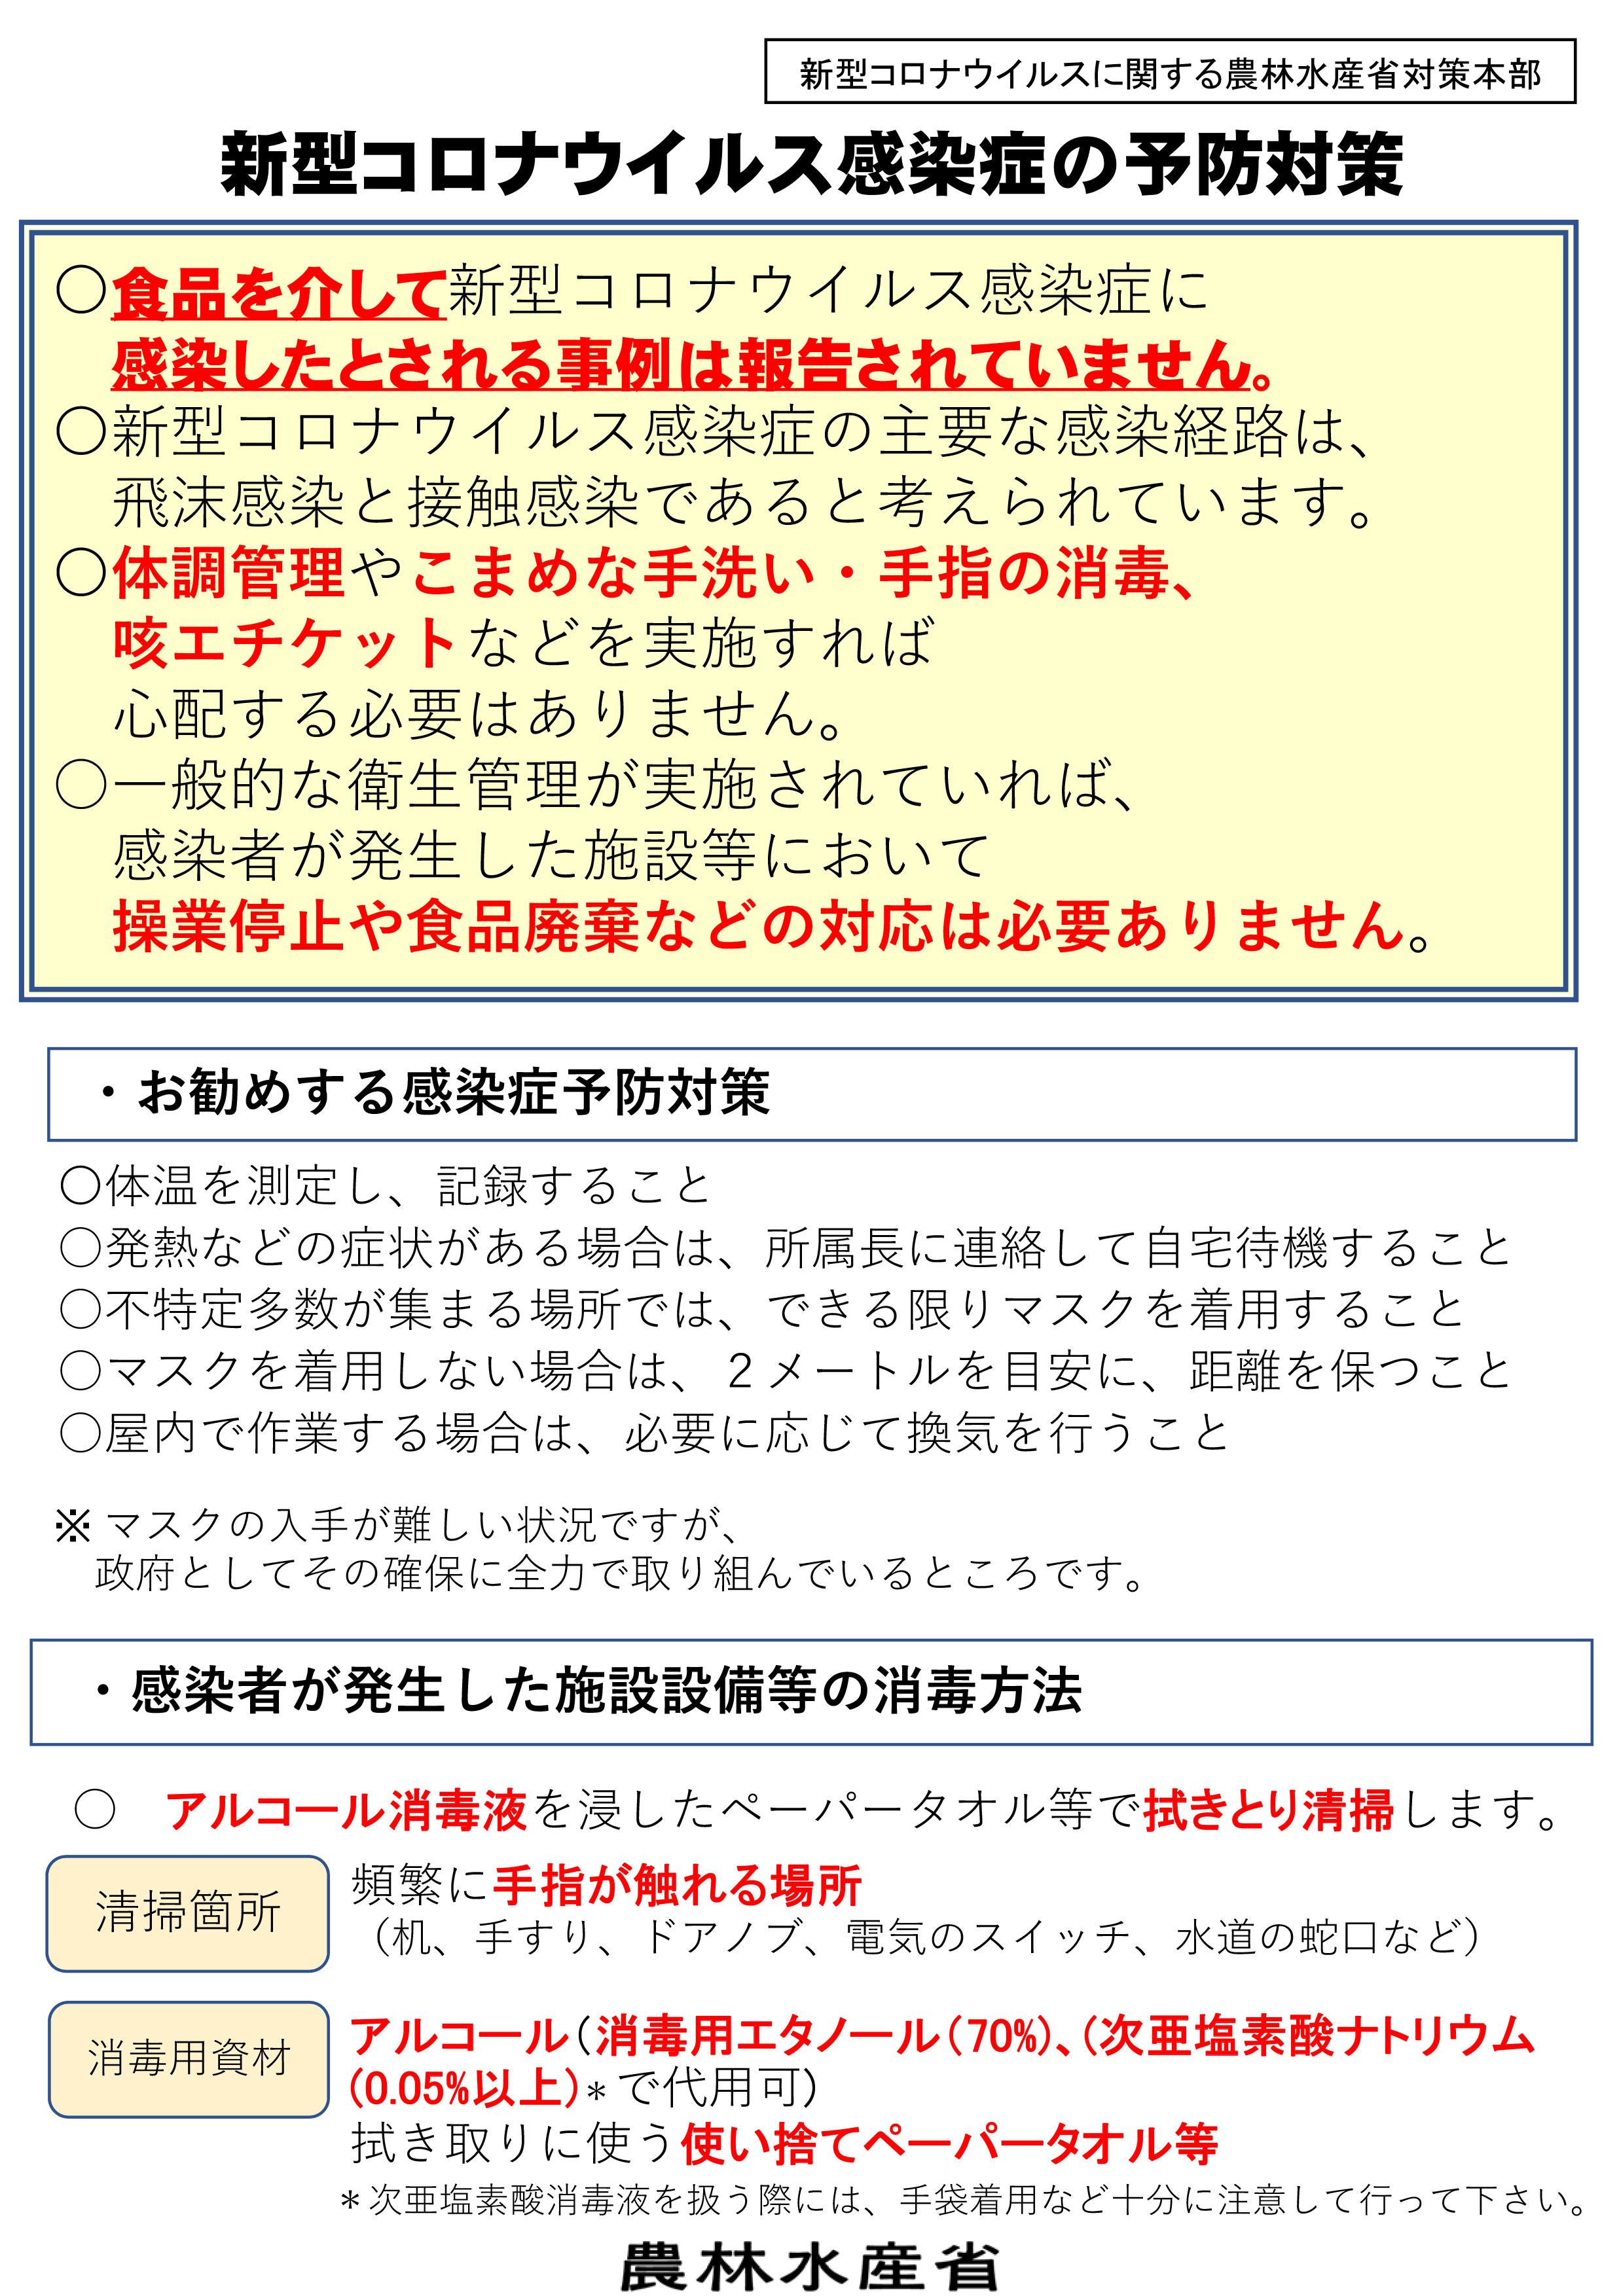 コロナウイルス対策ncv_guideline-4